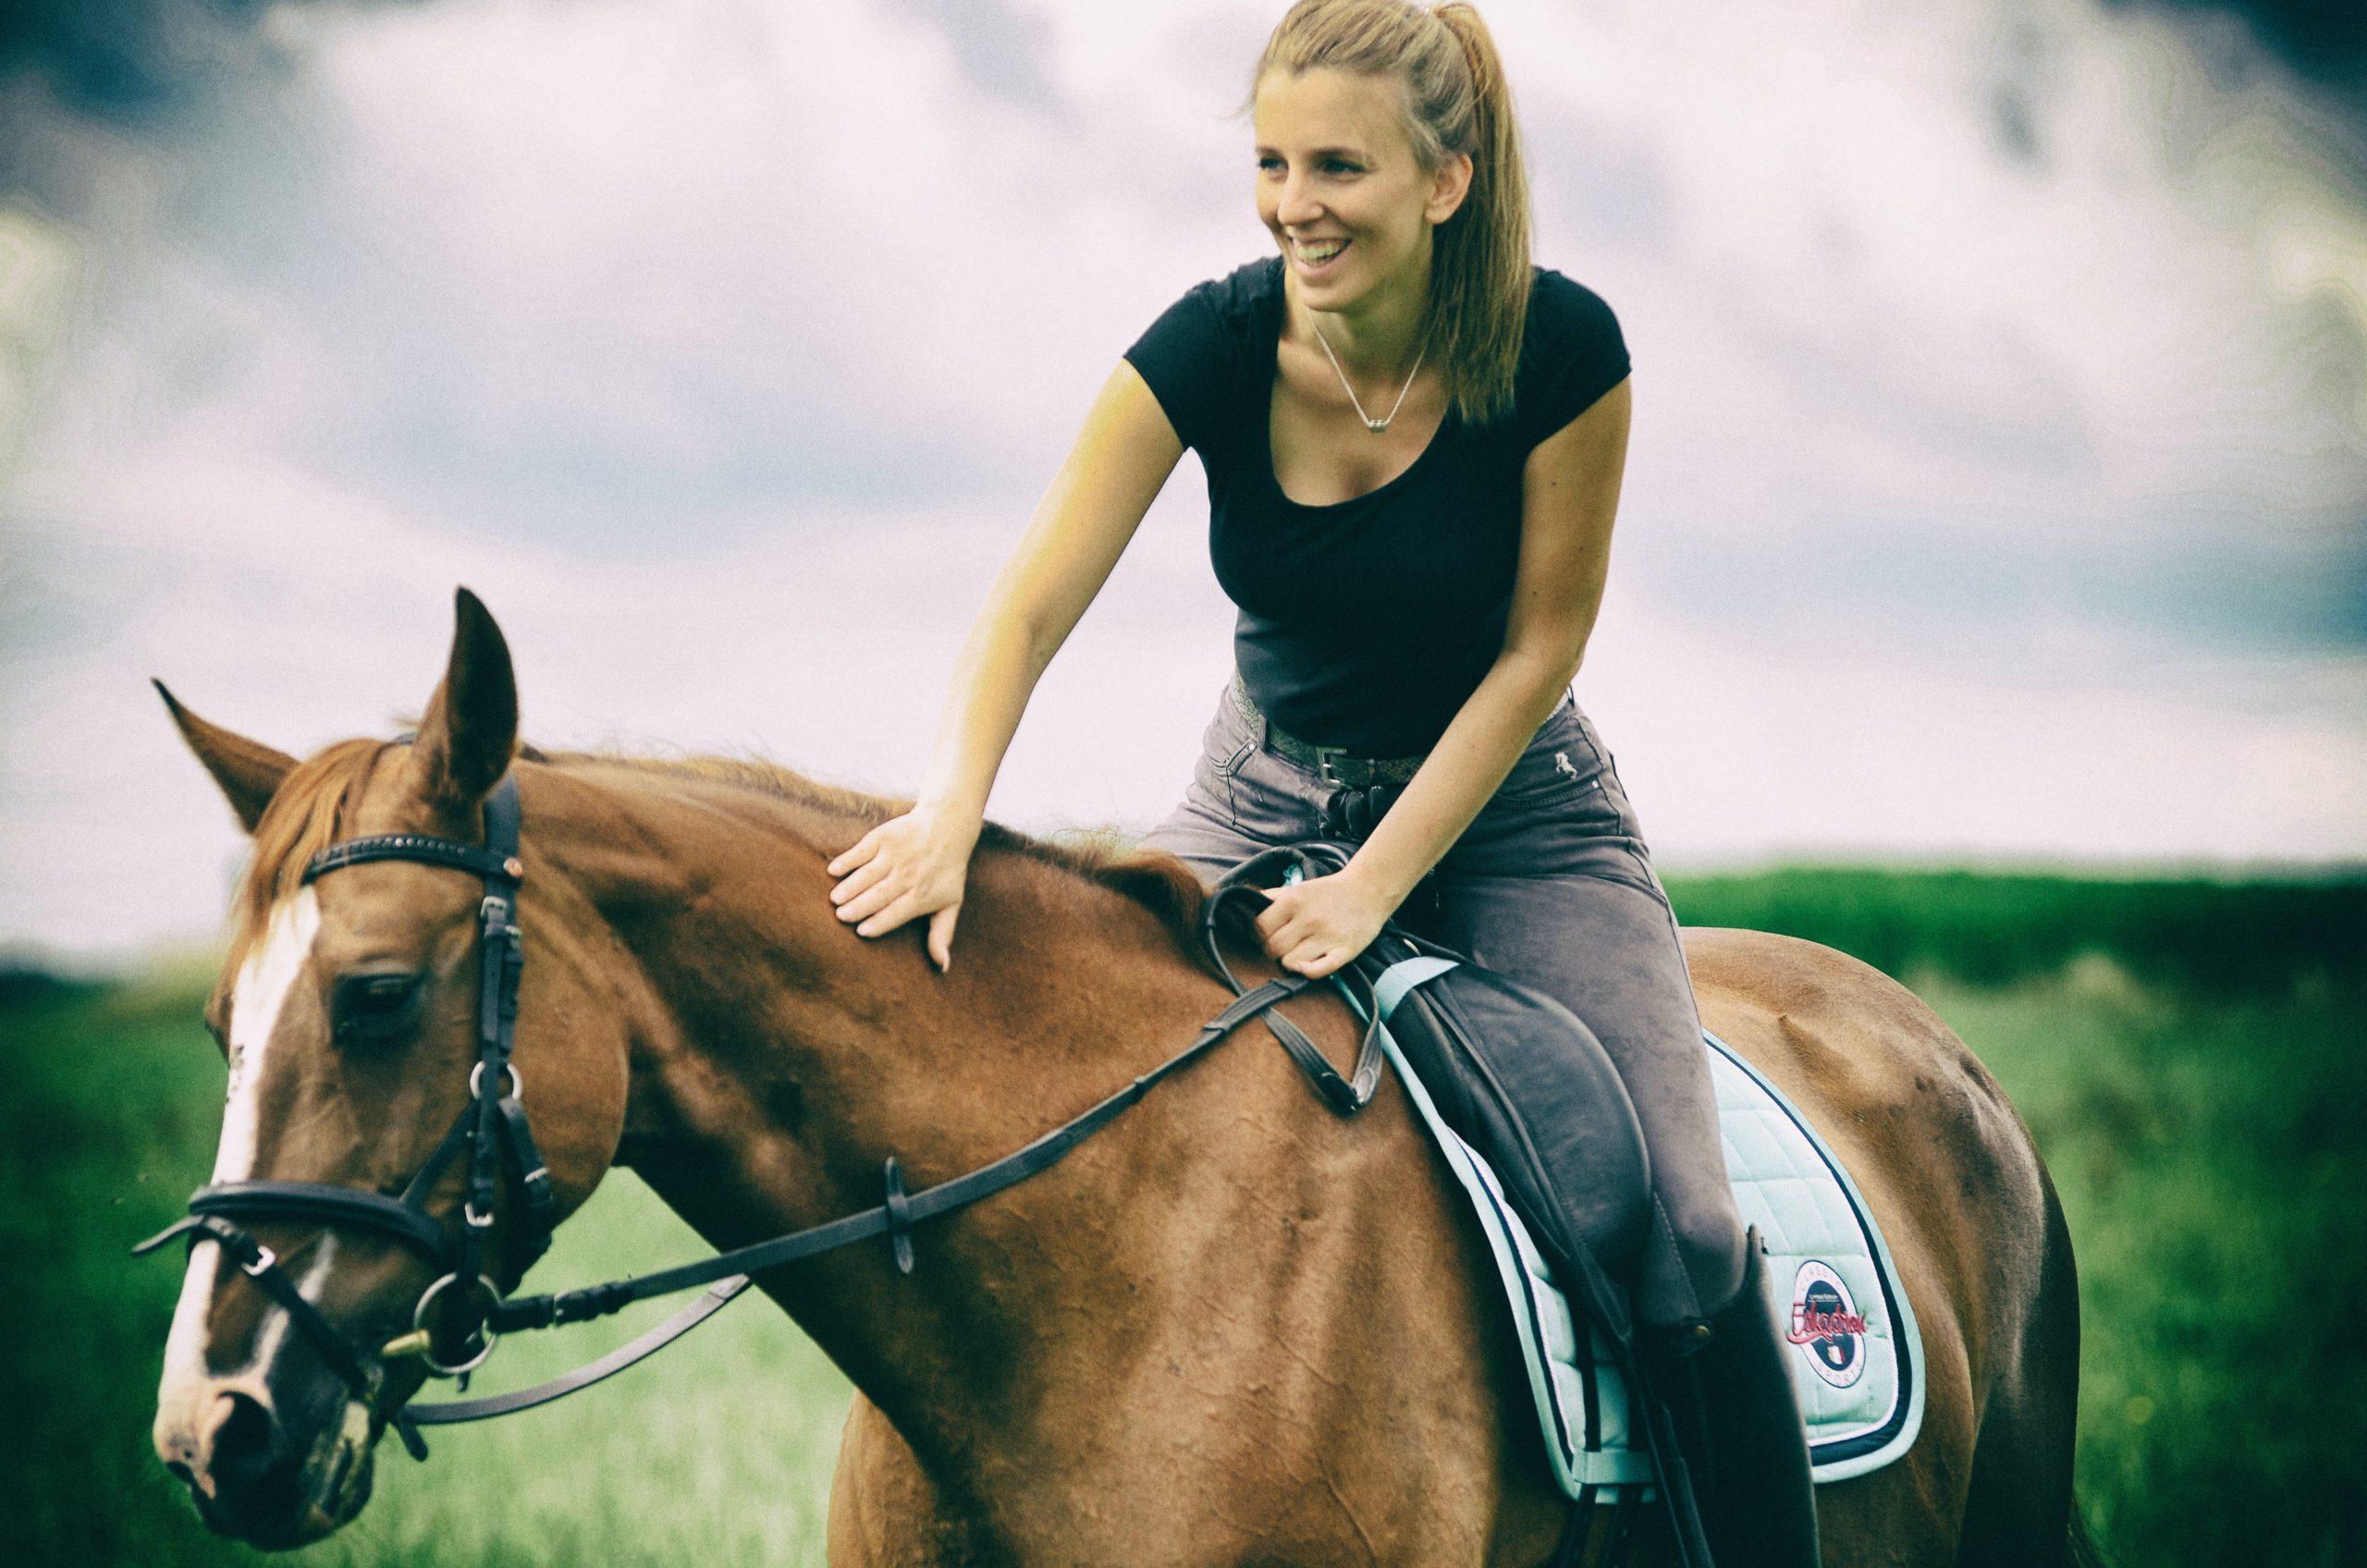 Pferd kaufen – was ist zu beachten